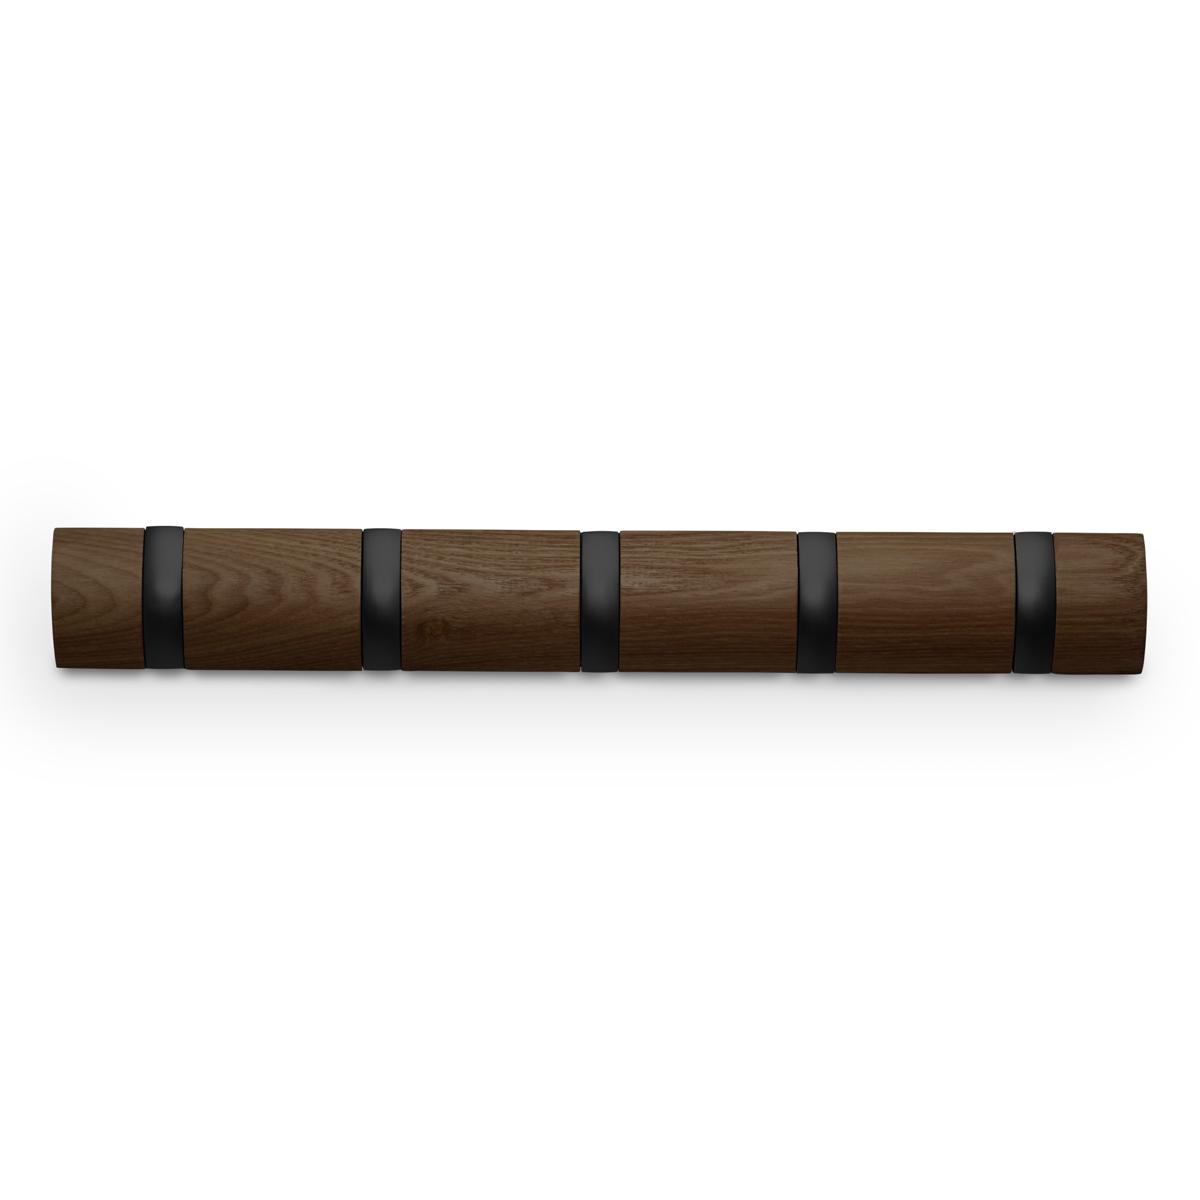 Вешалка Umbra Flip, настенная, цвет: бежевый, 5 крючков318850-048Стильная и прочная вешалка интересной формы. Имеет 5 откидных алюминиевых крючков. Когда они не используются, то складываются внутрь, превращая конструкцию в абсолютно гладкую поверхность. Идеально для маленьких прихожих и ограниченных пространств. Каждый крючок выдерживает вес до 2,3 кг.